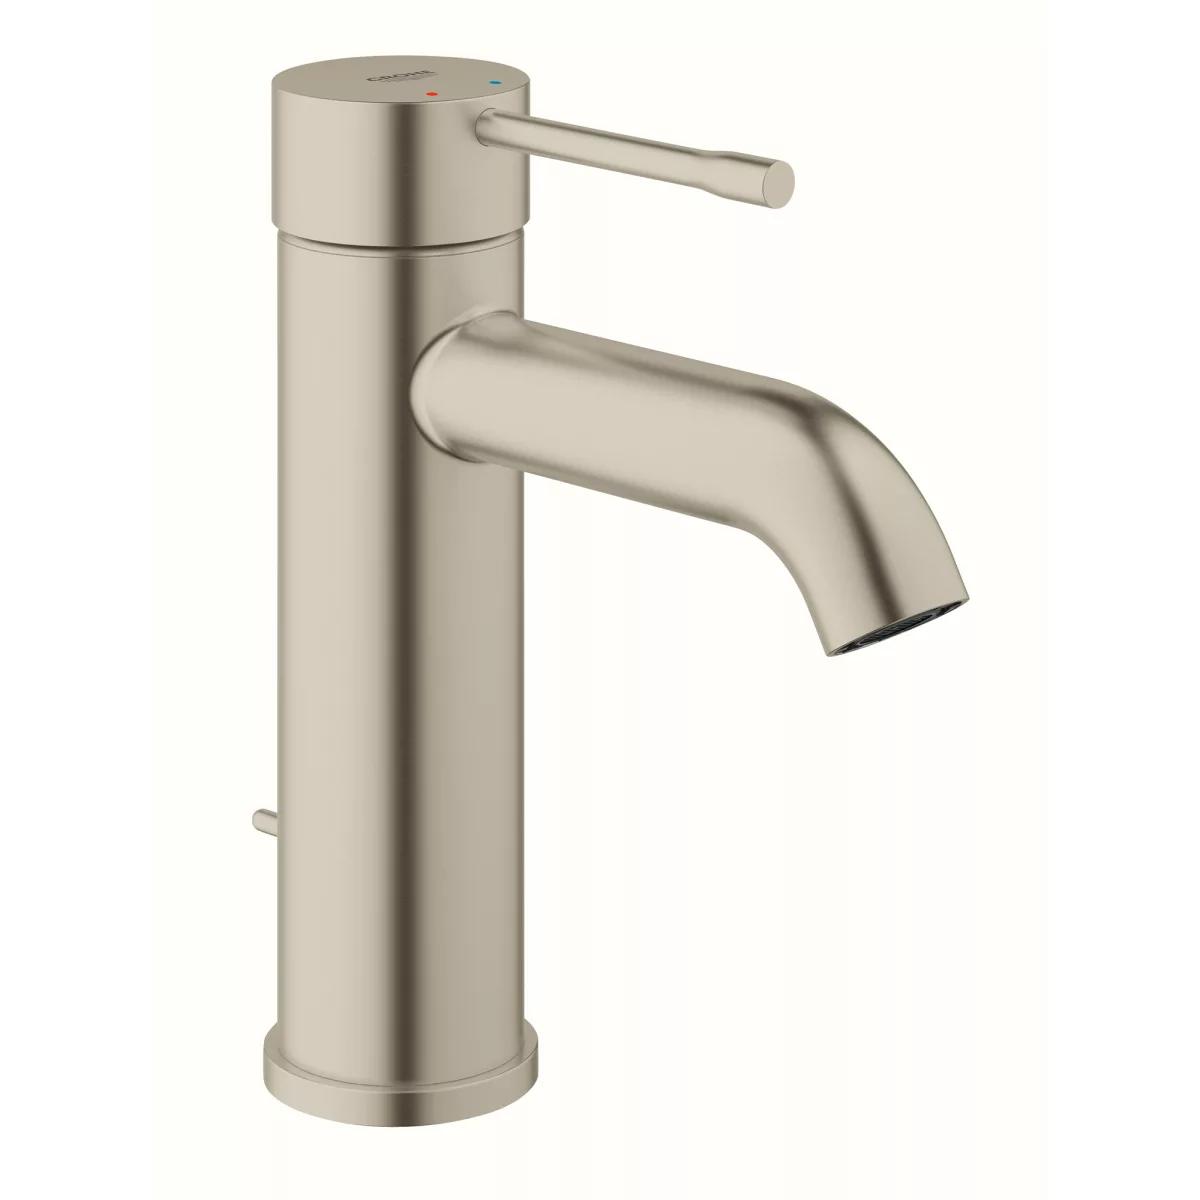 Grohe 23592gna Essence 1 2 Gpm Single Hole Build Com Single Hole Bathroom Faucet Bathroom Faucets Bathroom Sink Faucets Single Hole [ 1200 x 1200 Pixel ]